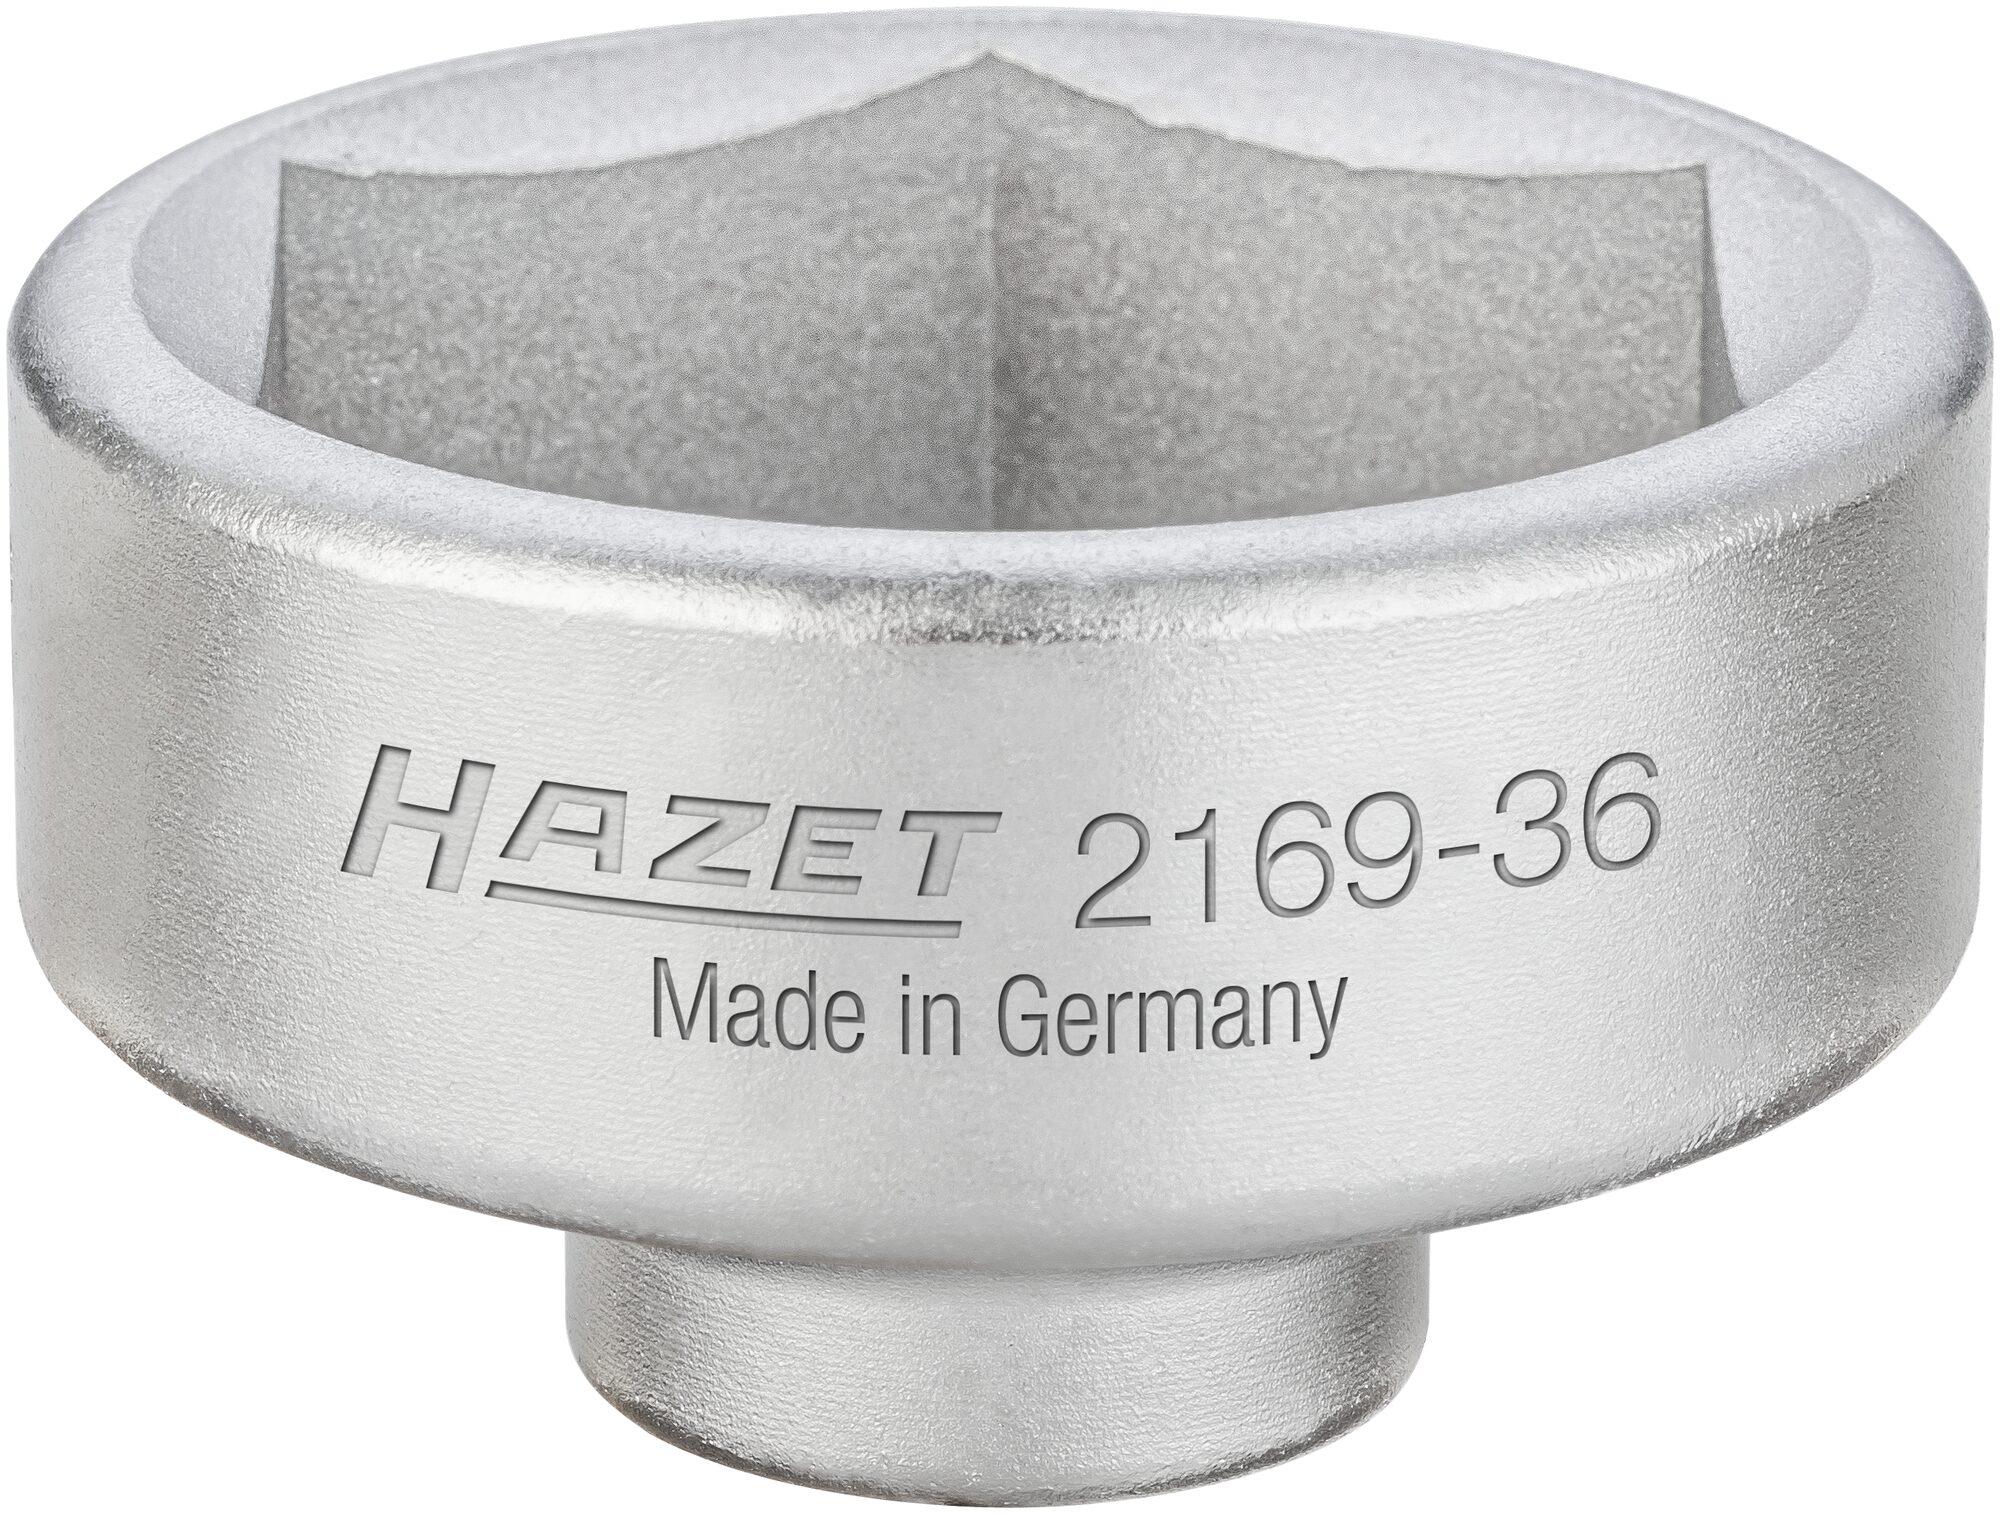 HAZET Ölfilter-Schlüssel 2169-36 ∙ Vierkant hohl 10 mm (3/8 Zoll) ∙ Außen-Sechskant Profil ∙ 50 mm